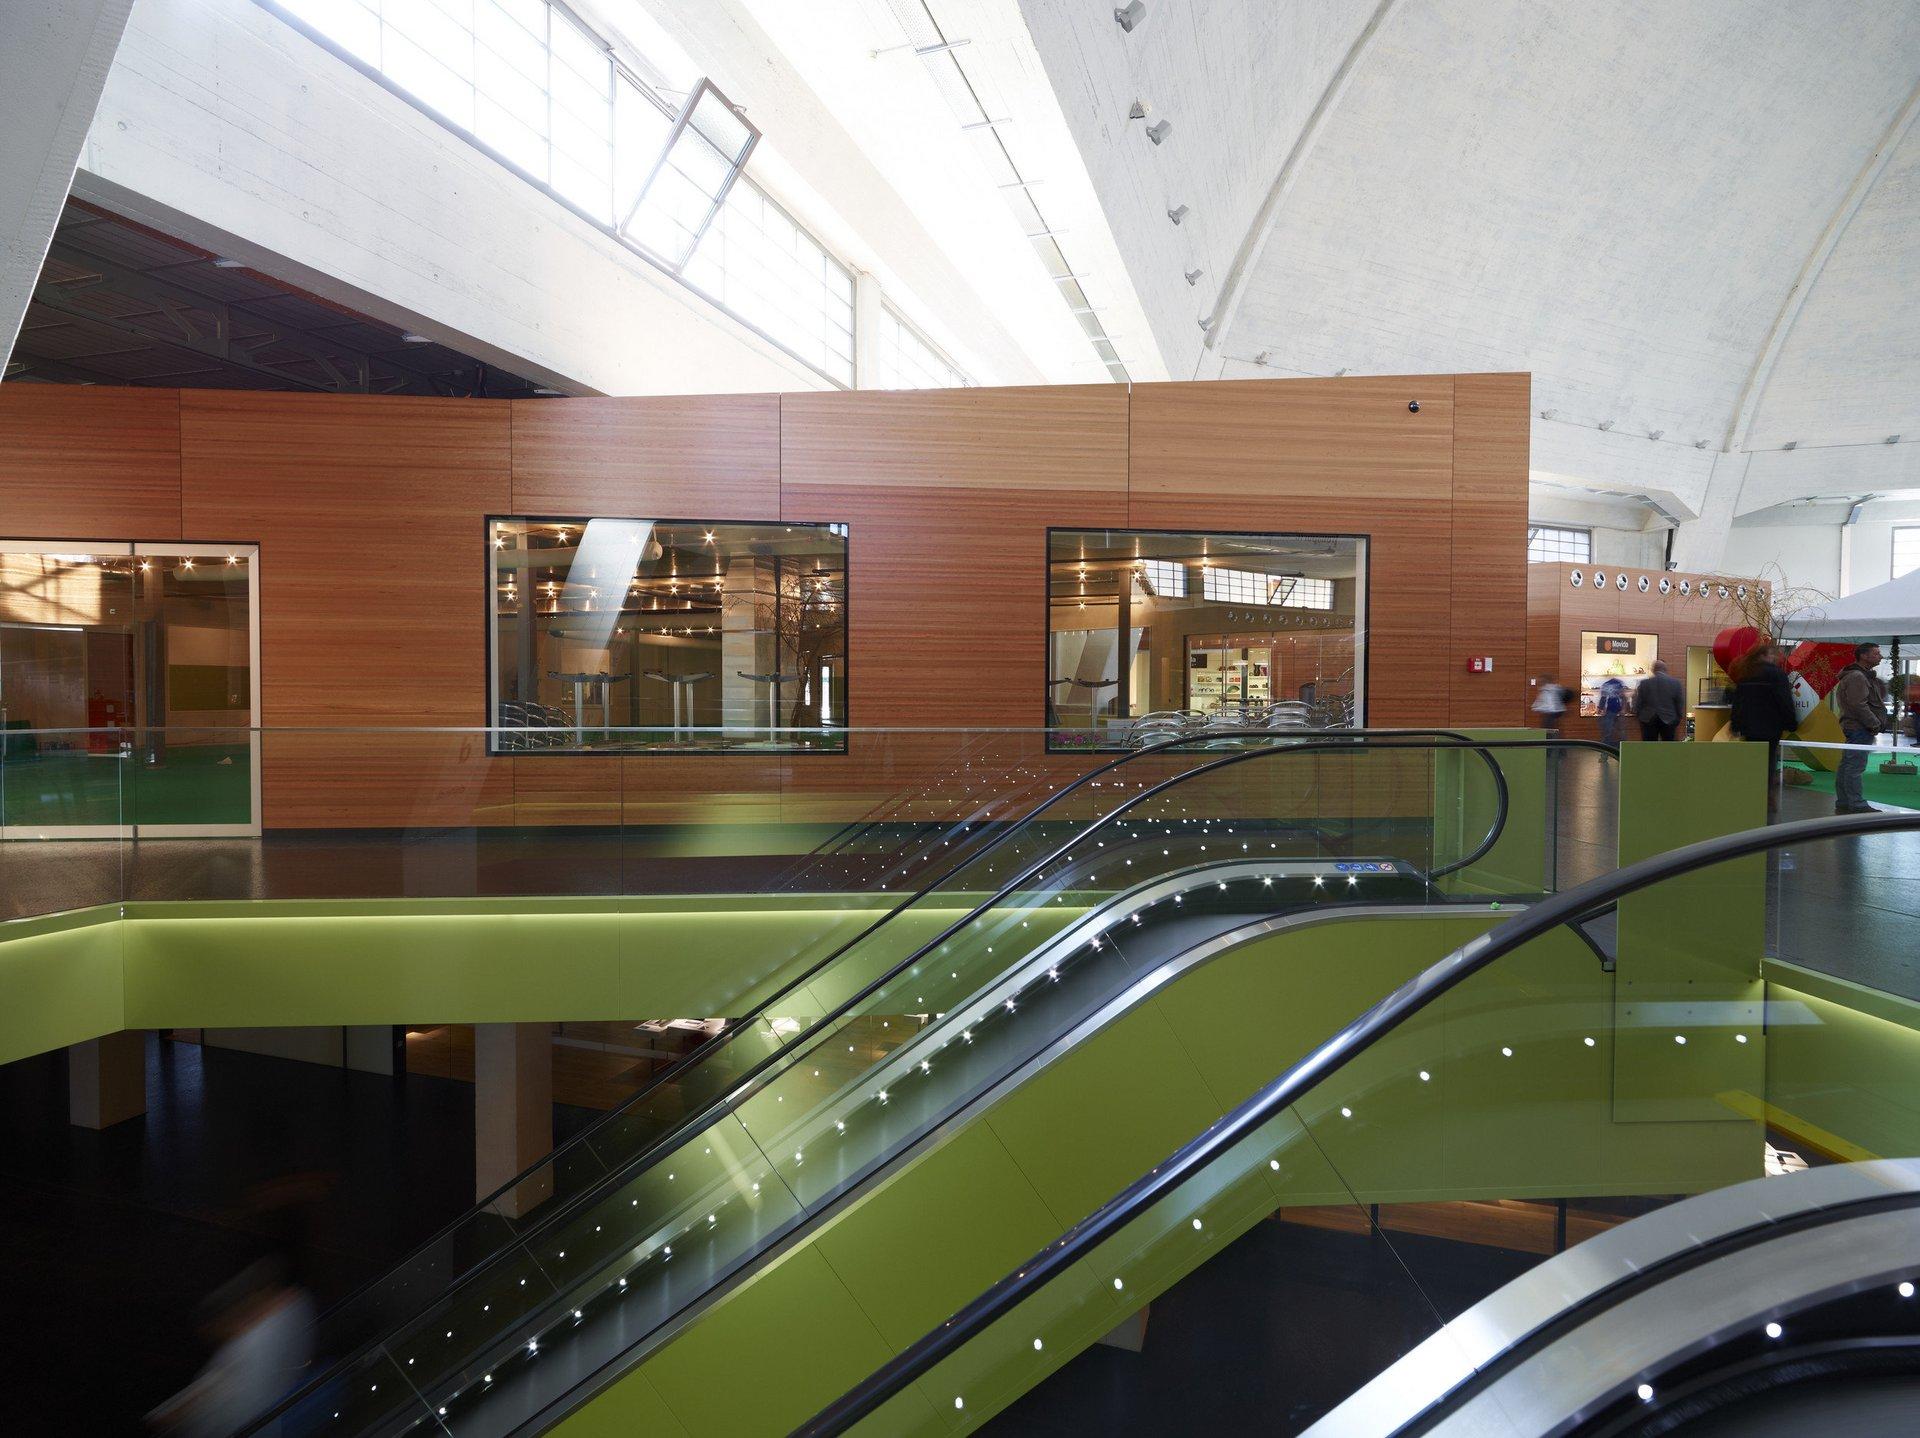 Sicht auf Shop-in-Shop in Holz mit 2 grün verkleideten Rolltreppen davor